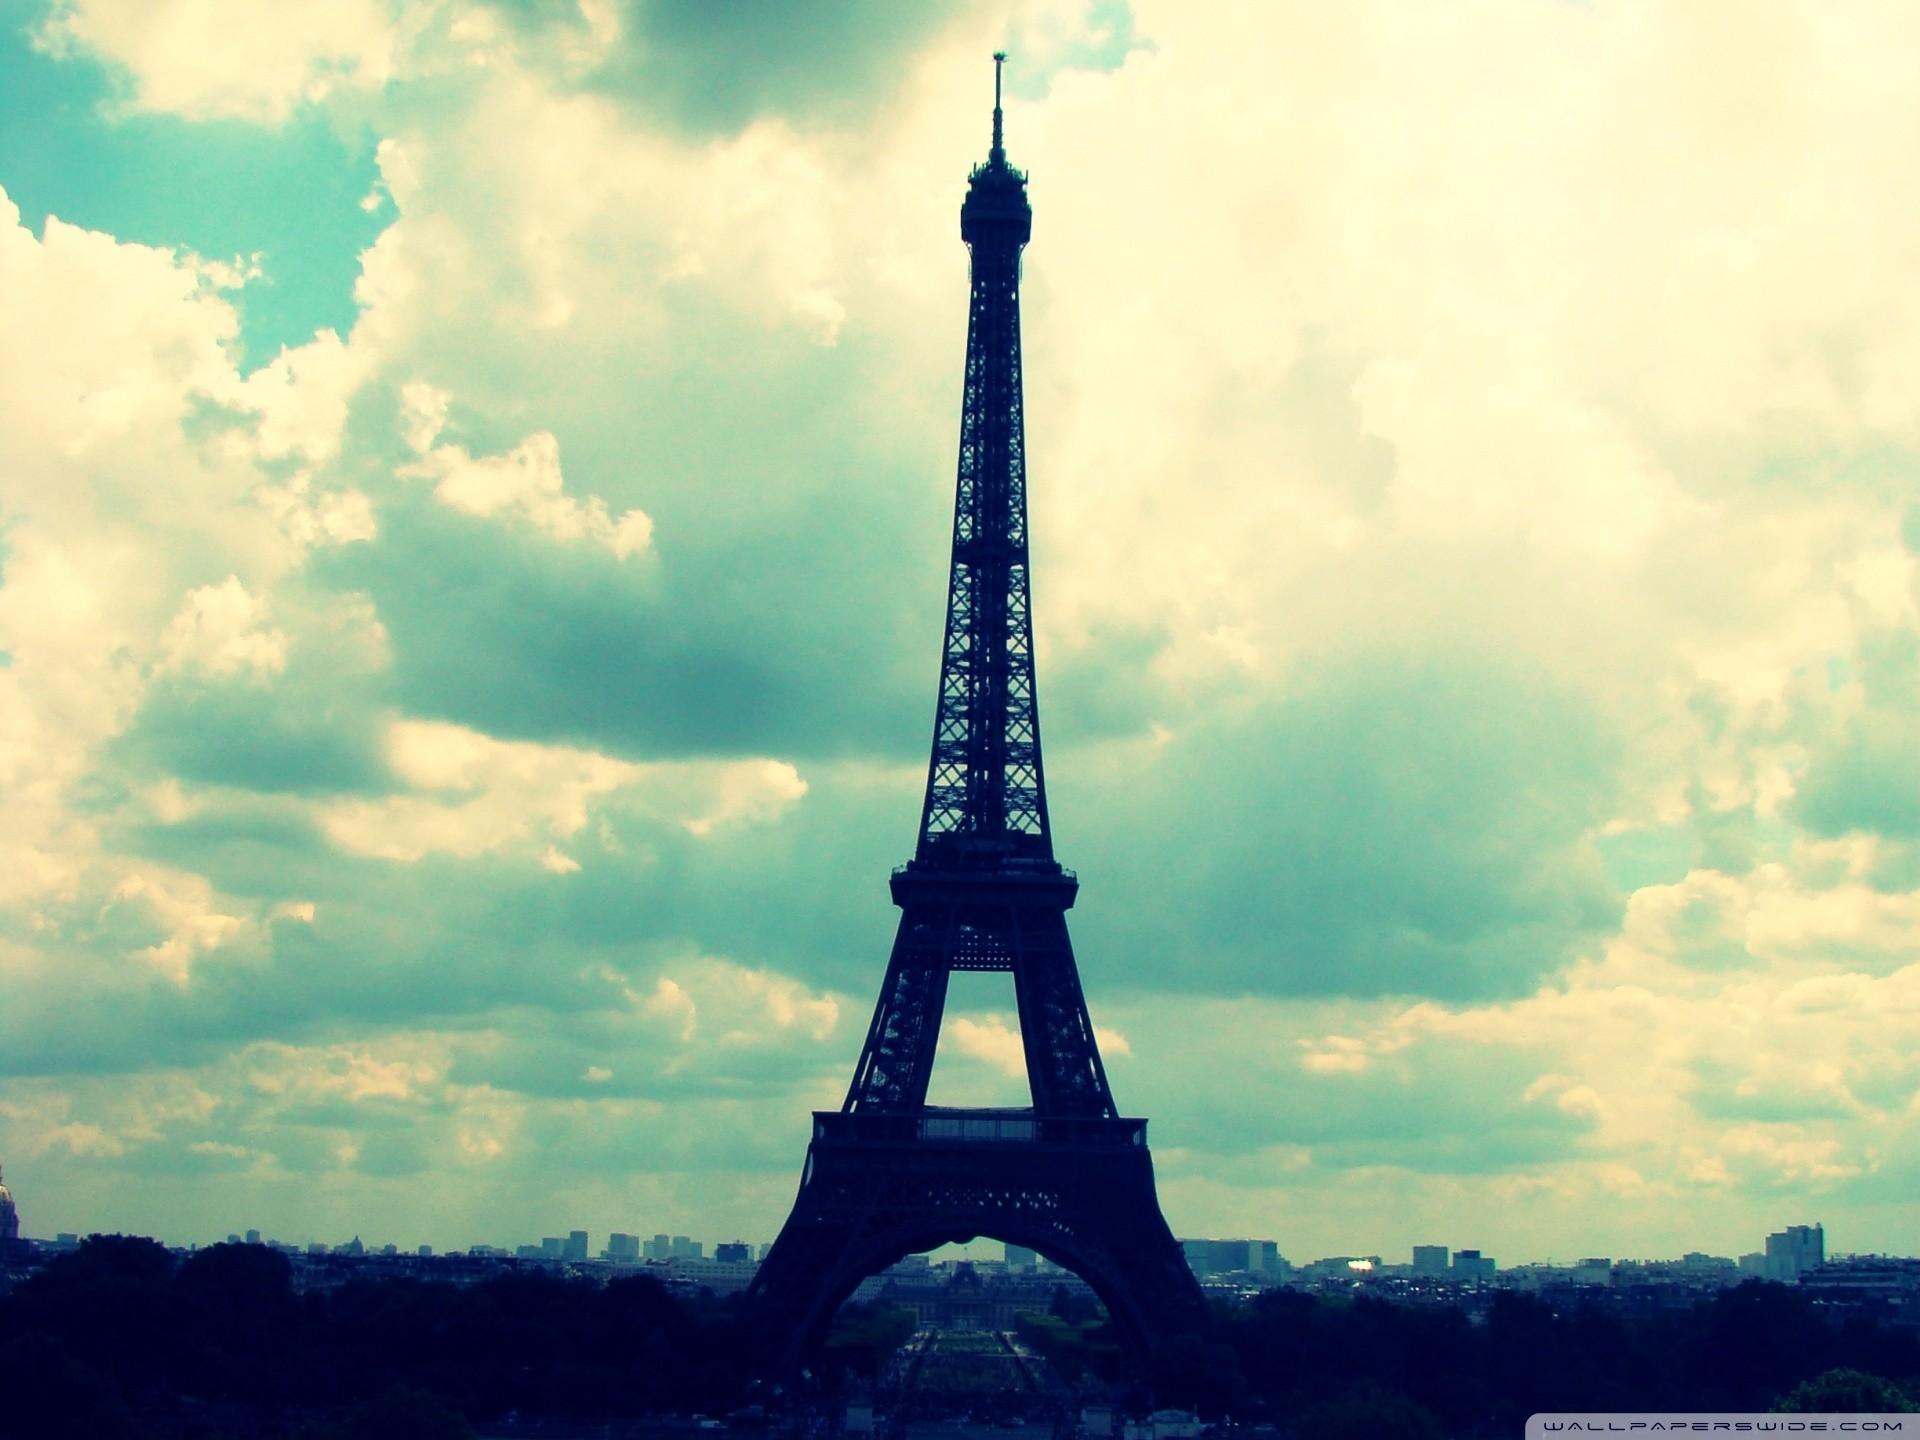 Sweet Paris Wallpaper Modern Eiffel Tower Background S For: Eiffel Tower Desktop Wallpaper ·① WallpaperTag